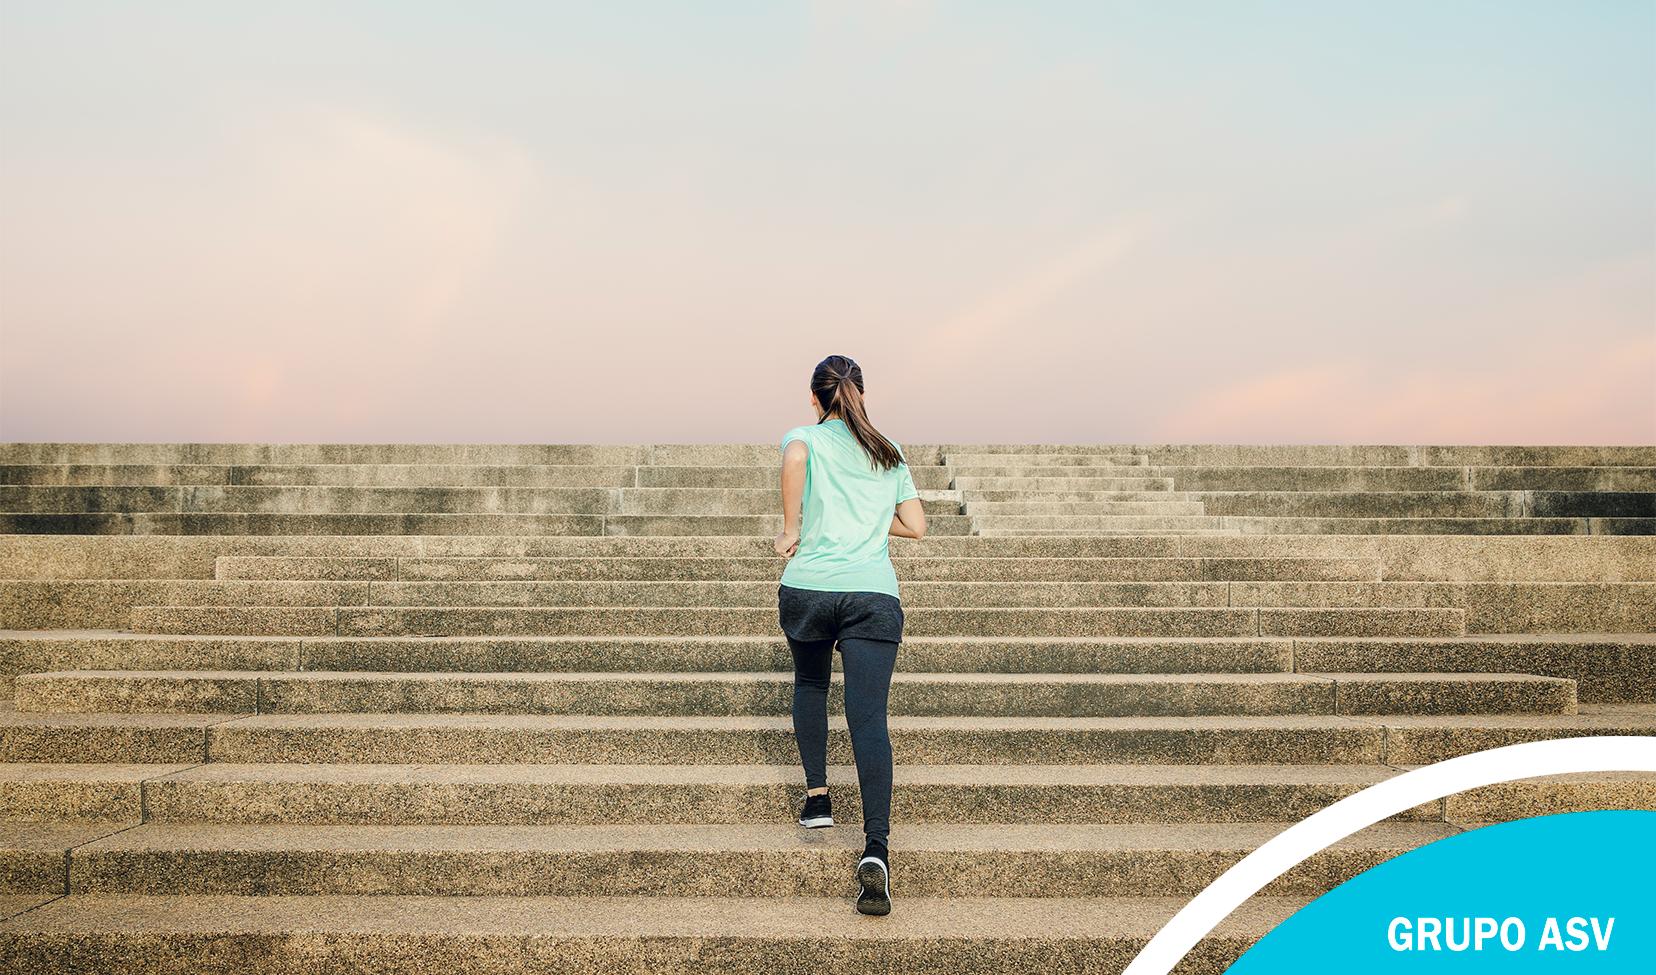 Hacer ejercicio como terapia de duelo.